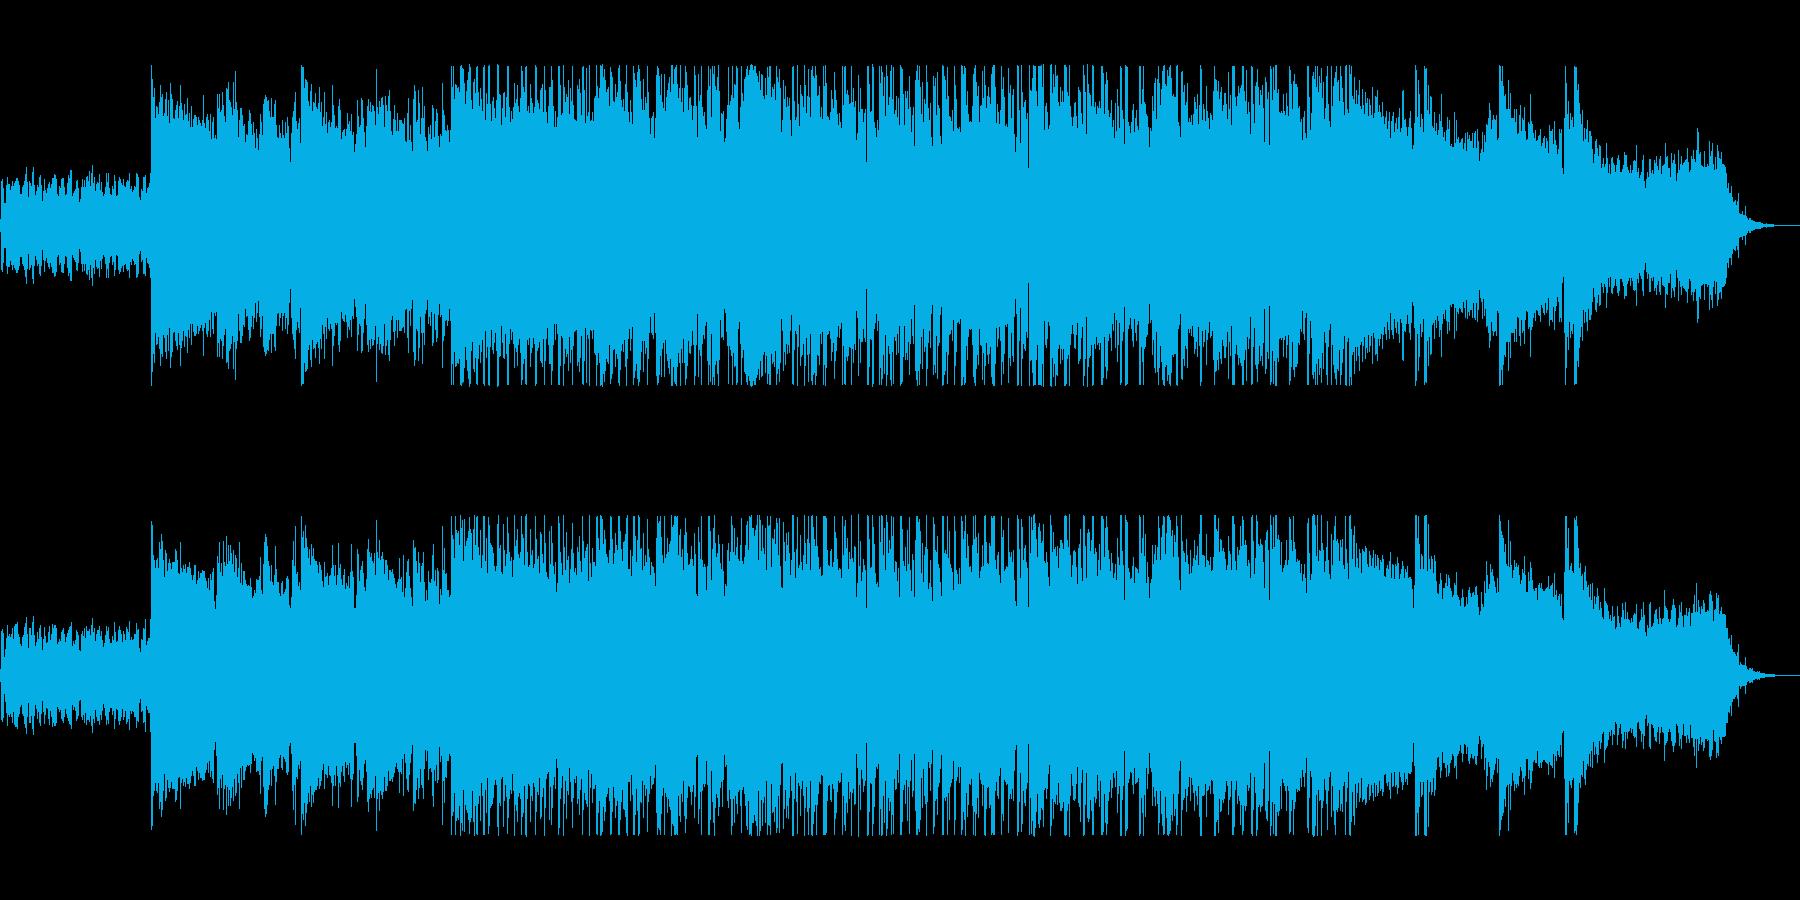 クールなギターメロディのロックの再生済みの波形